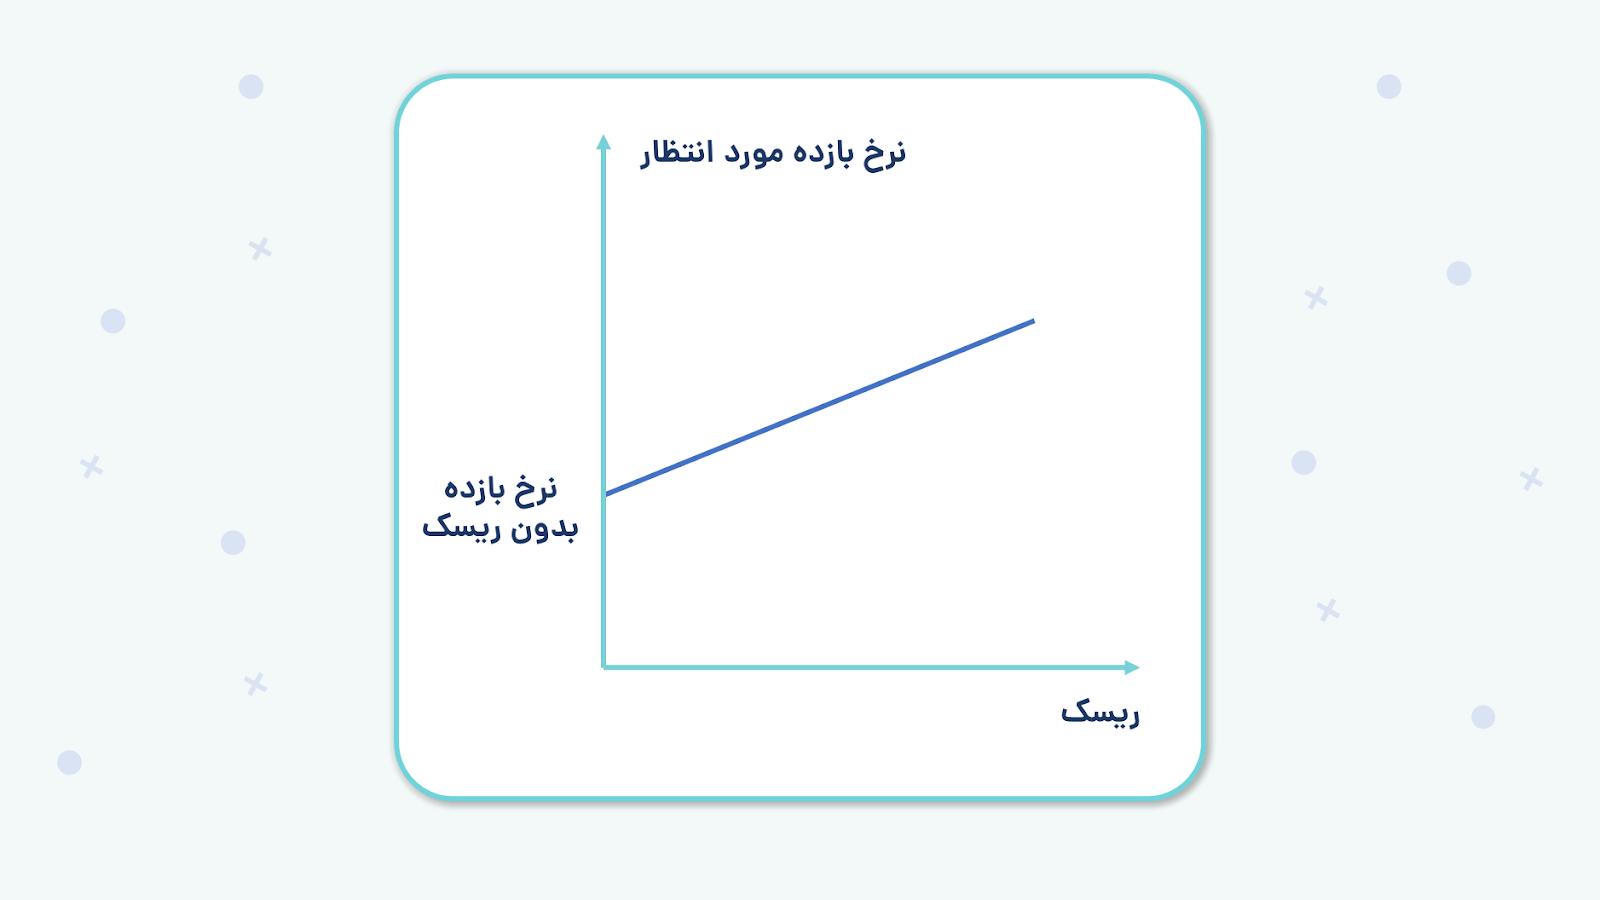 نمودار رابطه بین ریسک و بازده